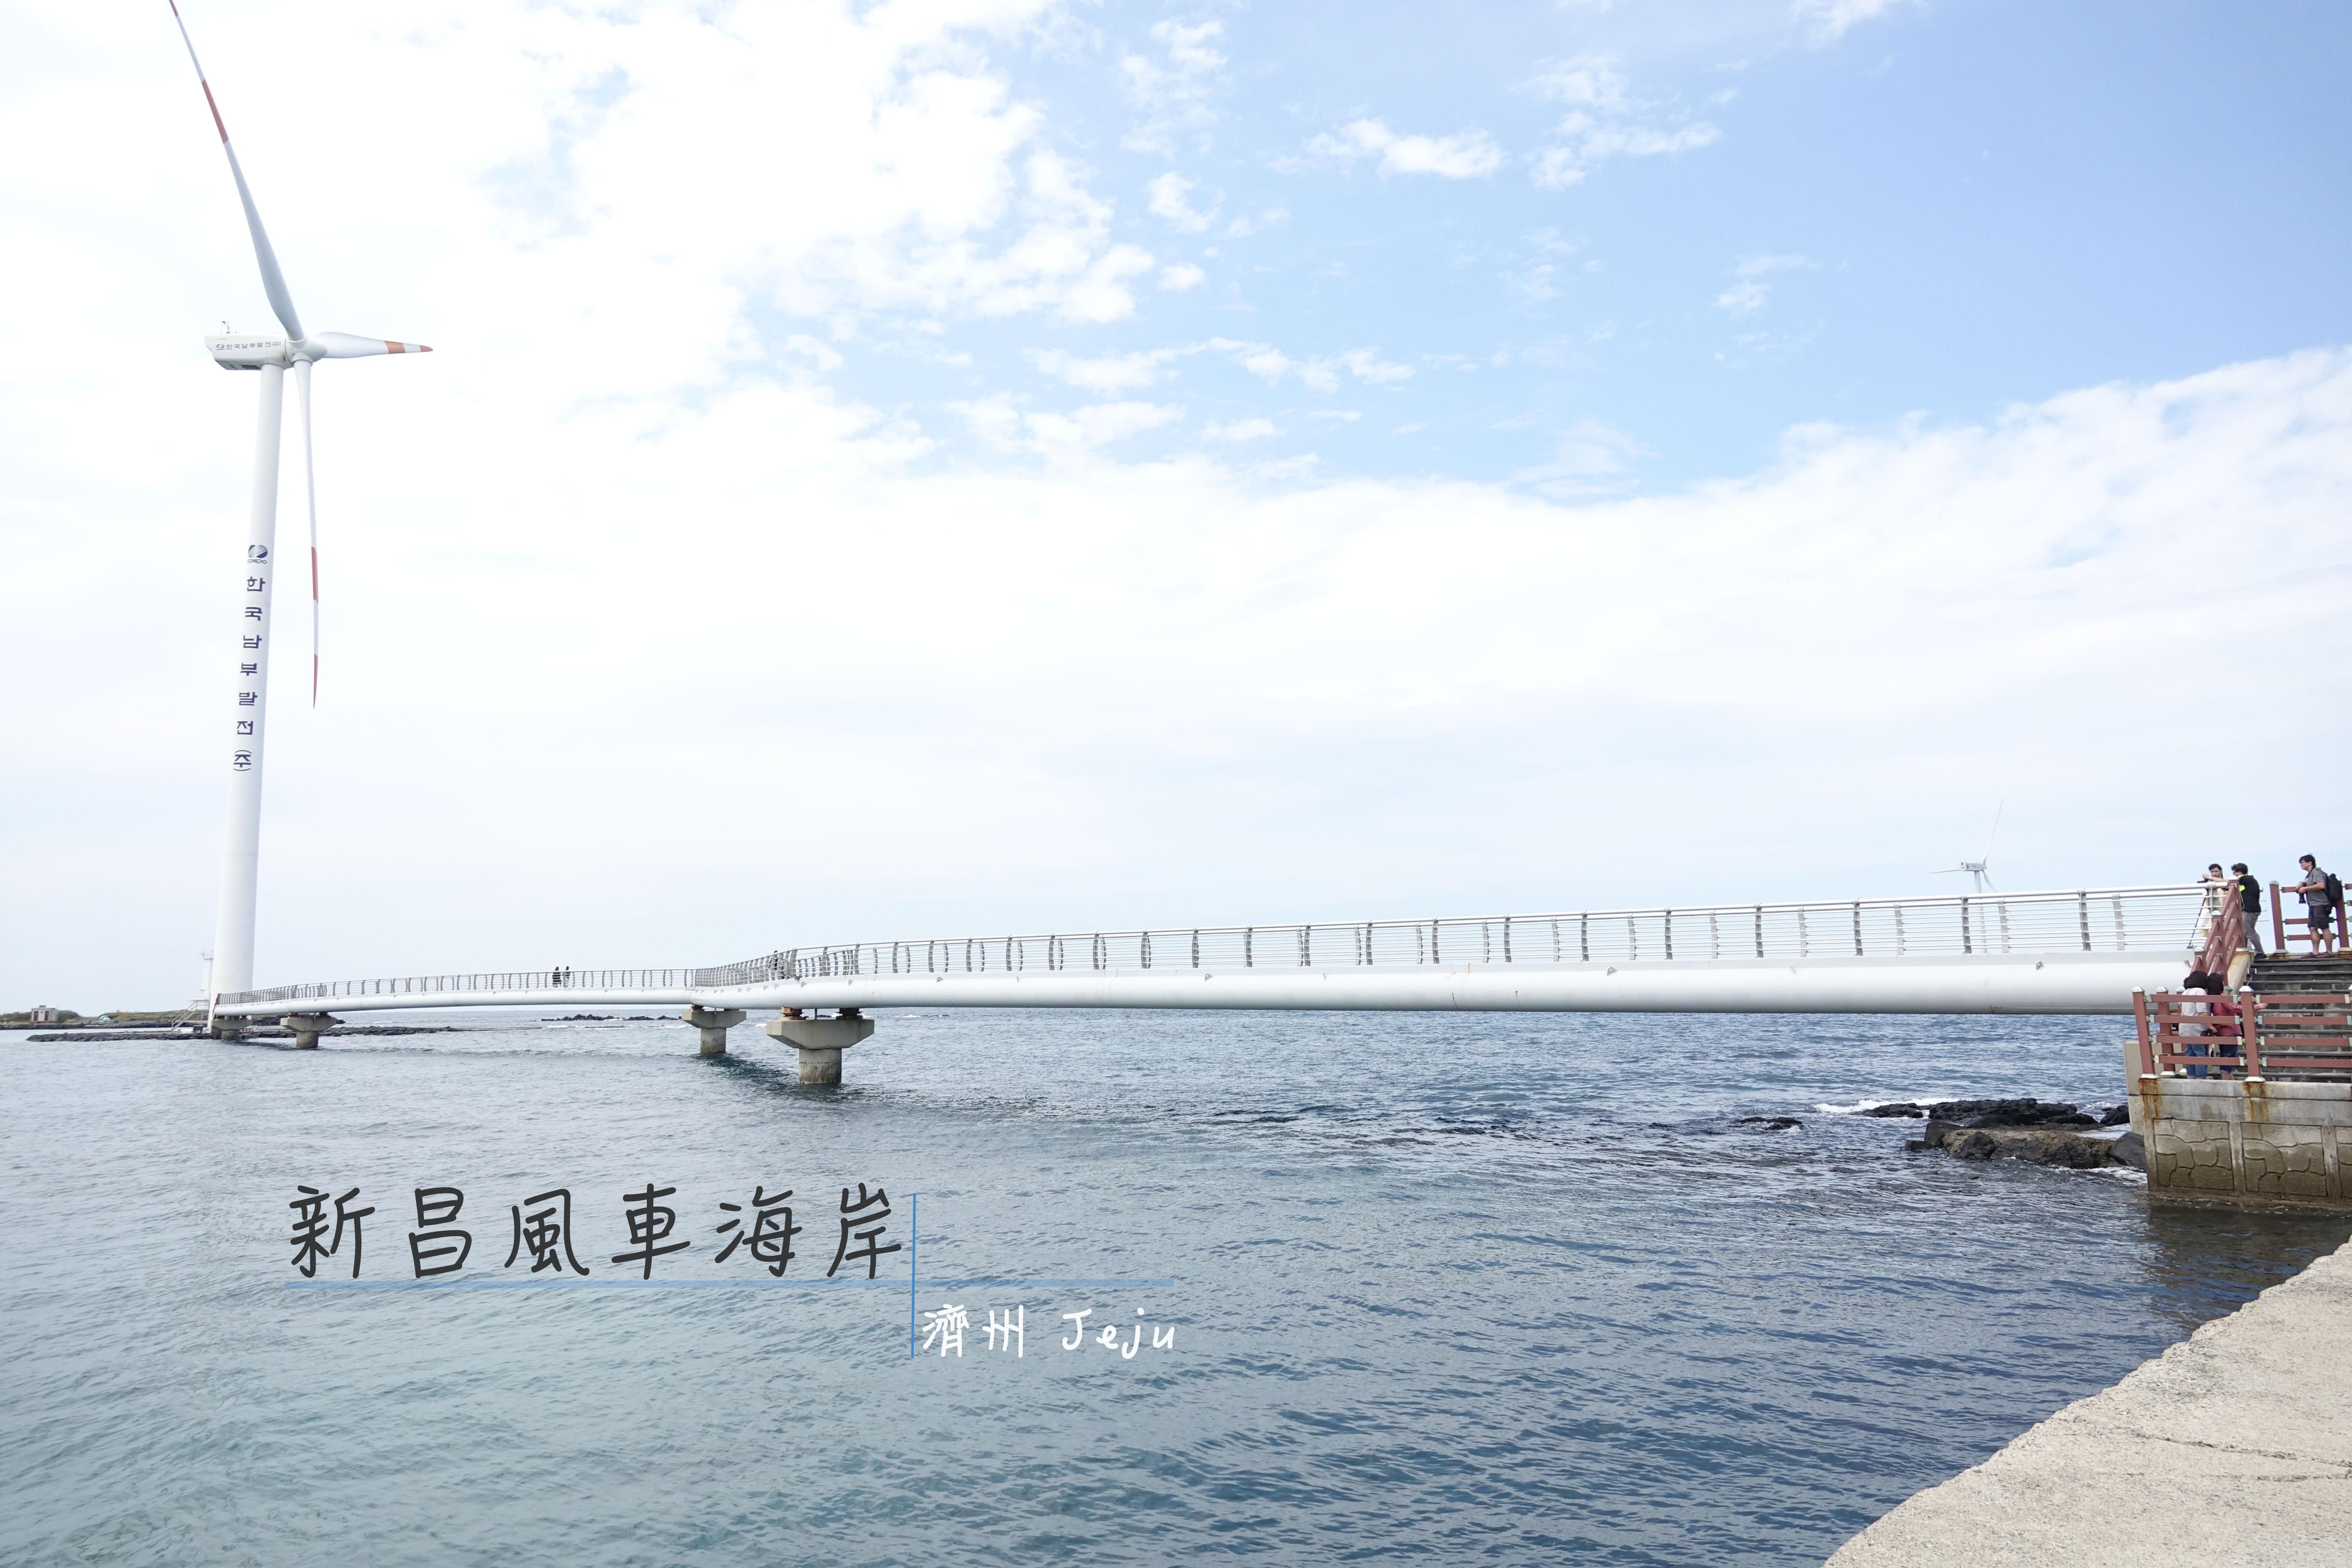 濟州景點.濟州市 | 新昌風車海岸道路 제주신창풍차해안도로,韓劇《Miss Ripley》、電影《天國的郵遞員》拍攝地